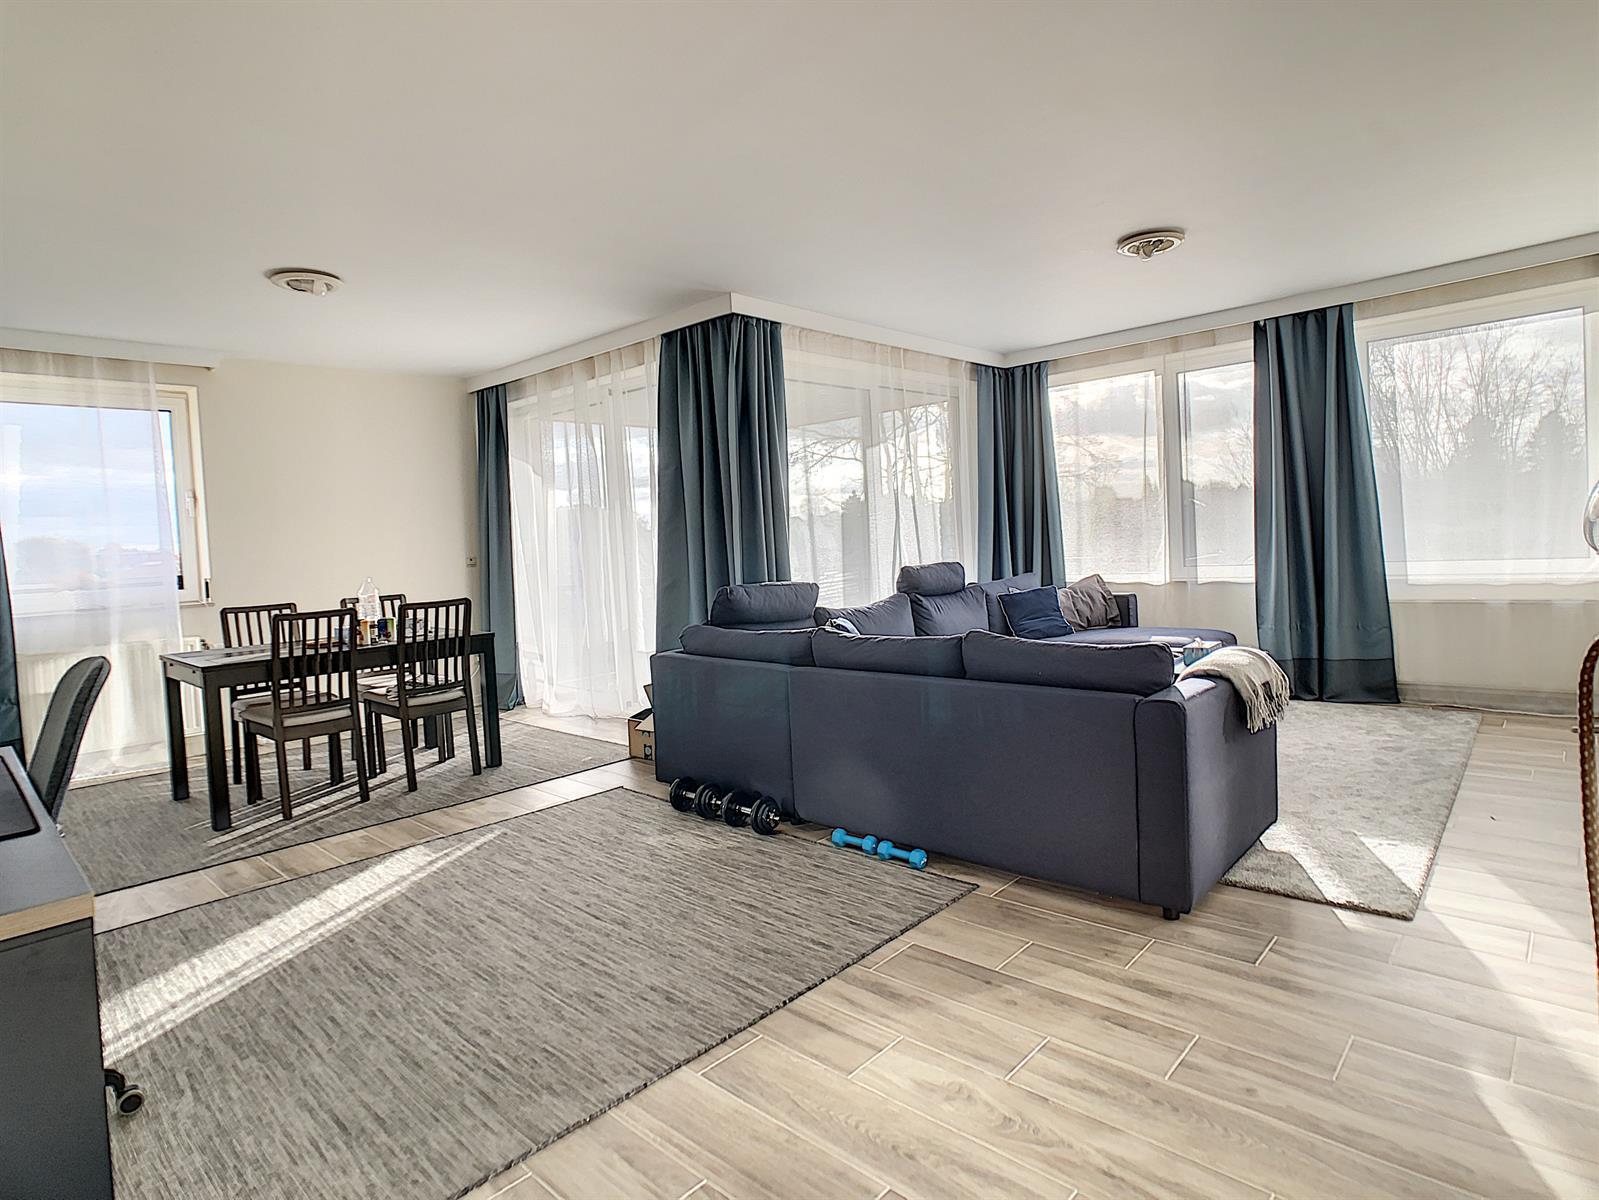 Appartement - Waterloo - #4268434-9